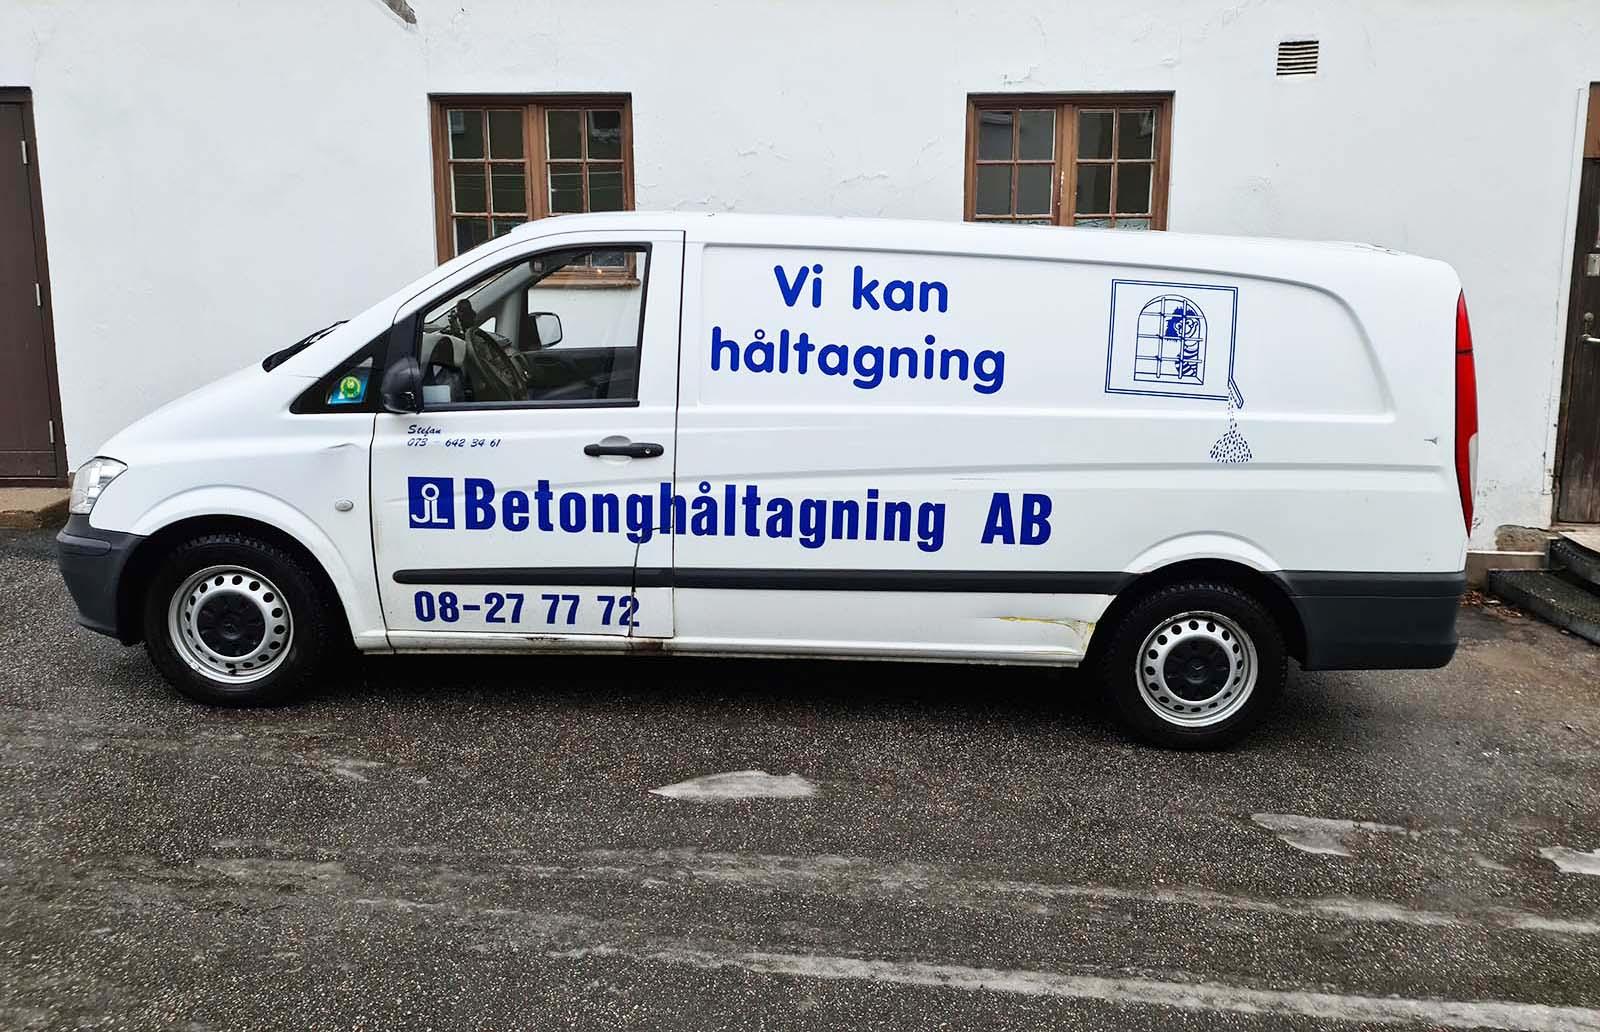 Behöver du hjälp med betonghåltagning i Stockholm? Låt oss komma till undsättning! Vi kan håltagning. Välkommen!